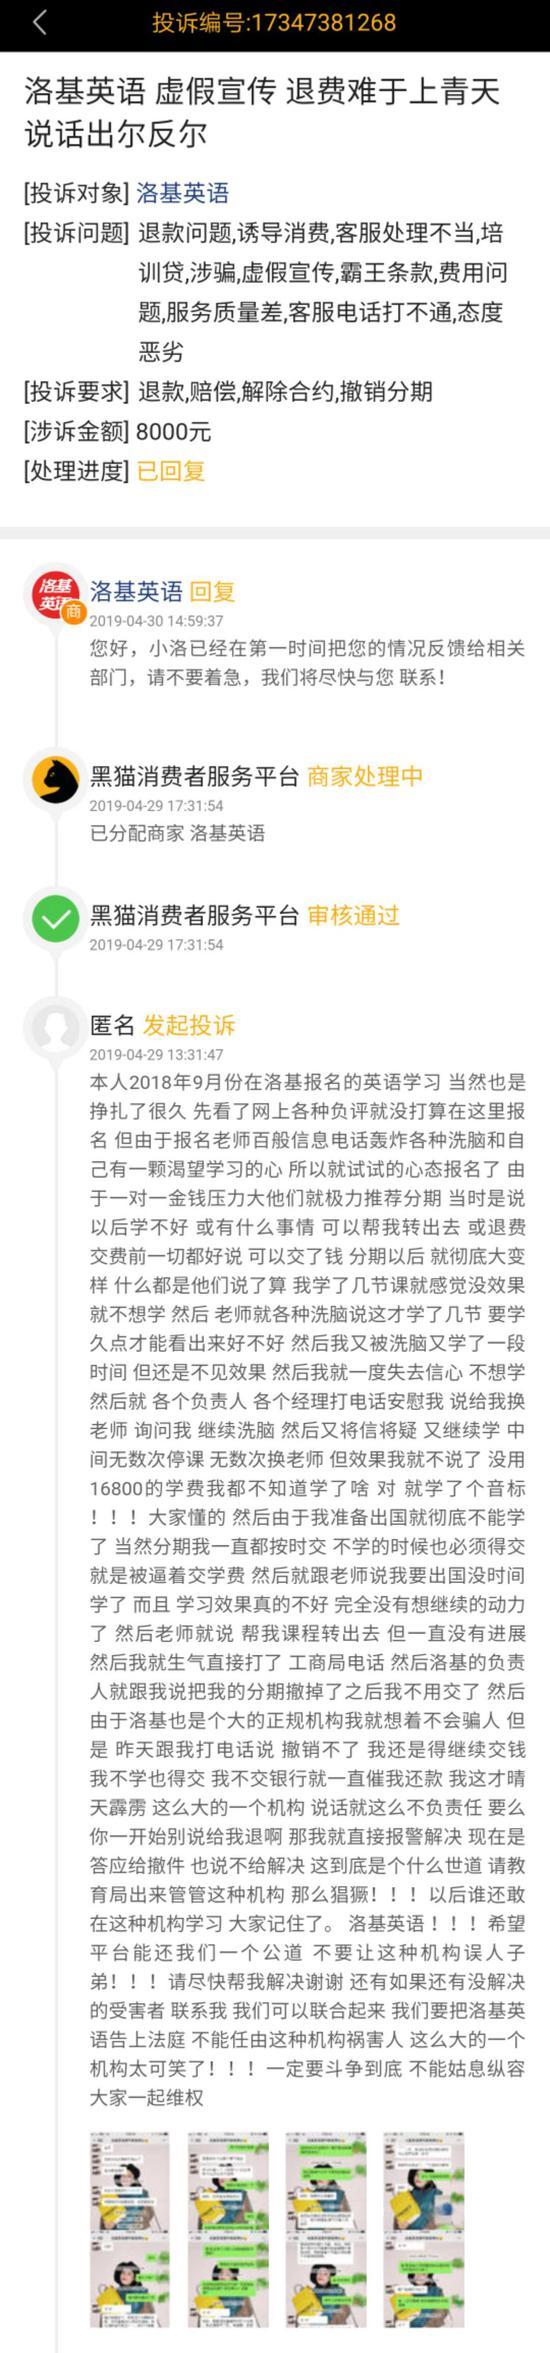 陈丽在黑猫投诉江苏站诉说自己的遭遇 网络截图